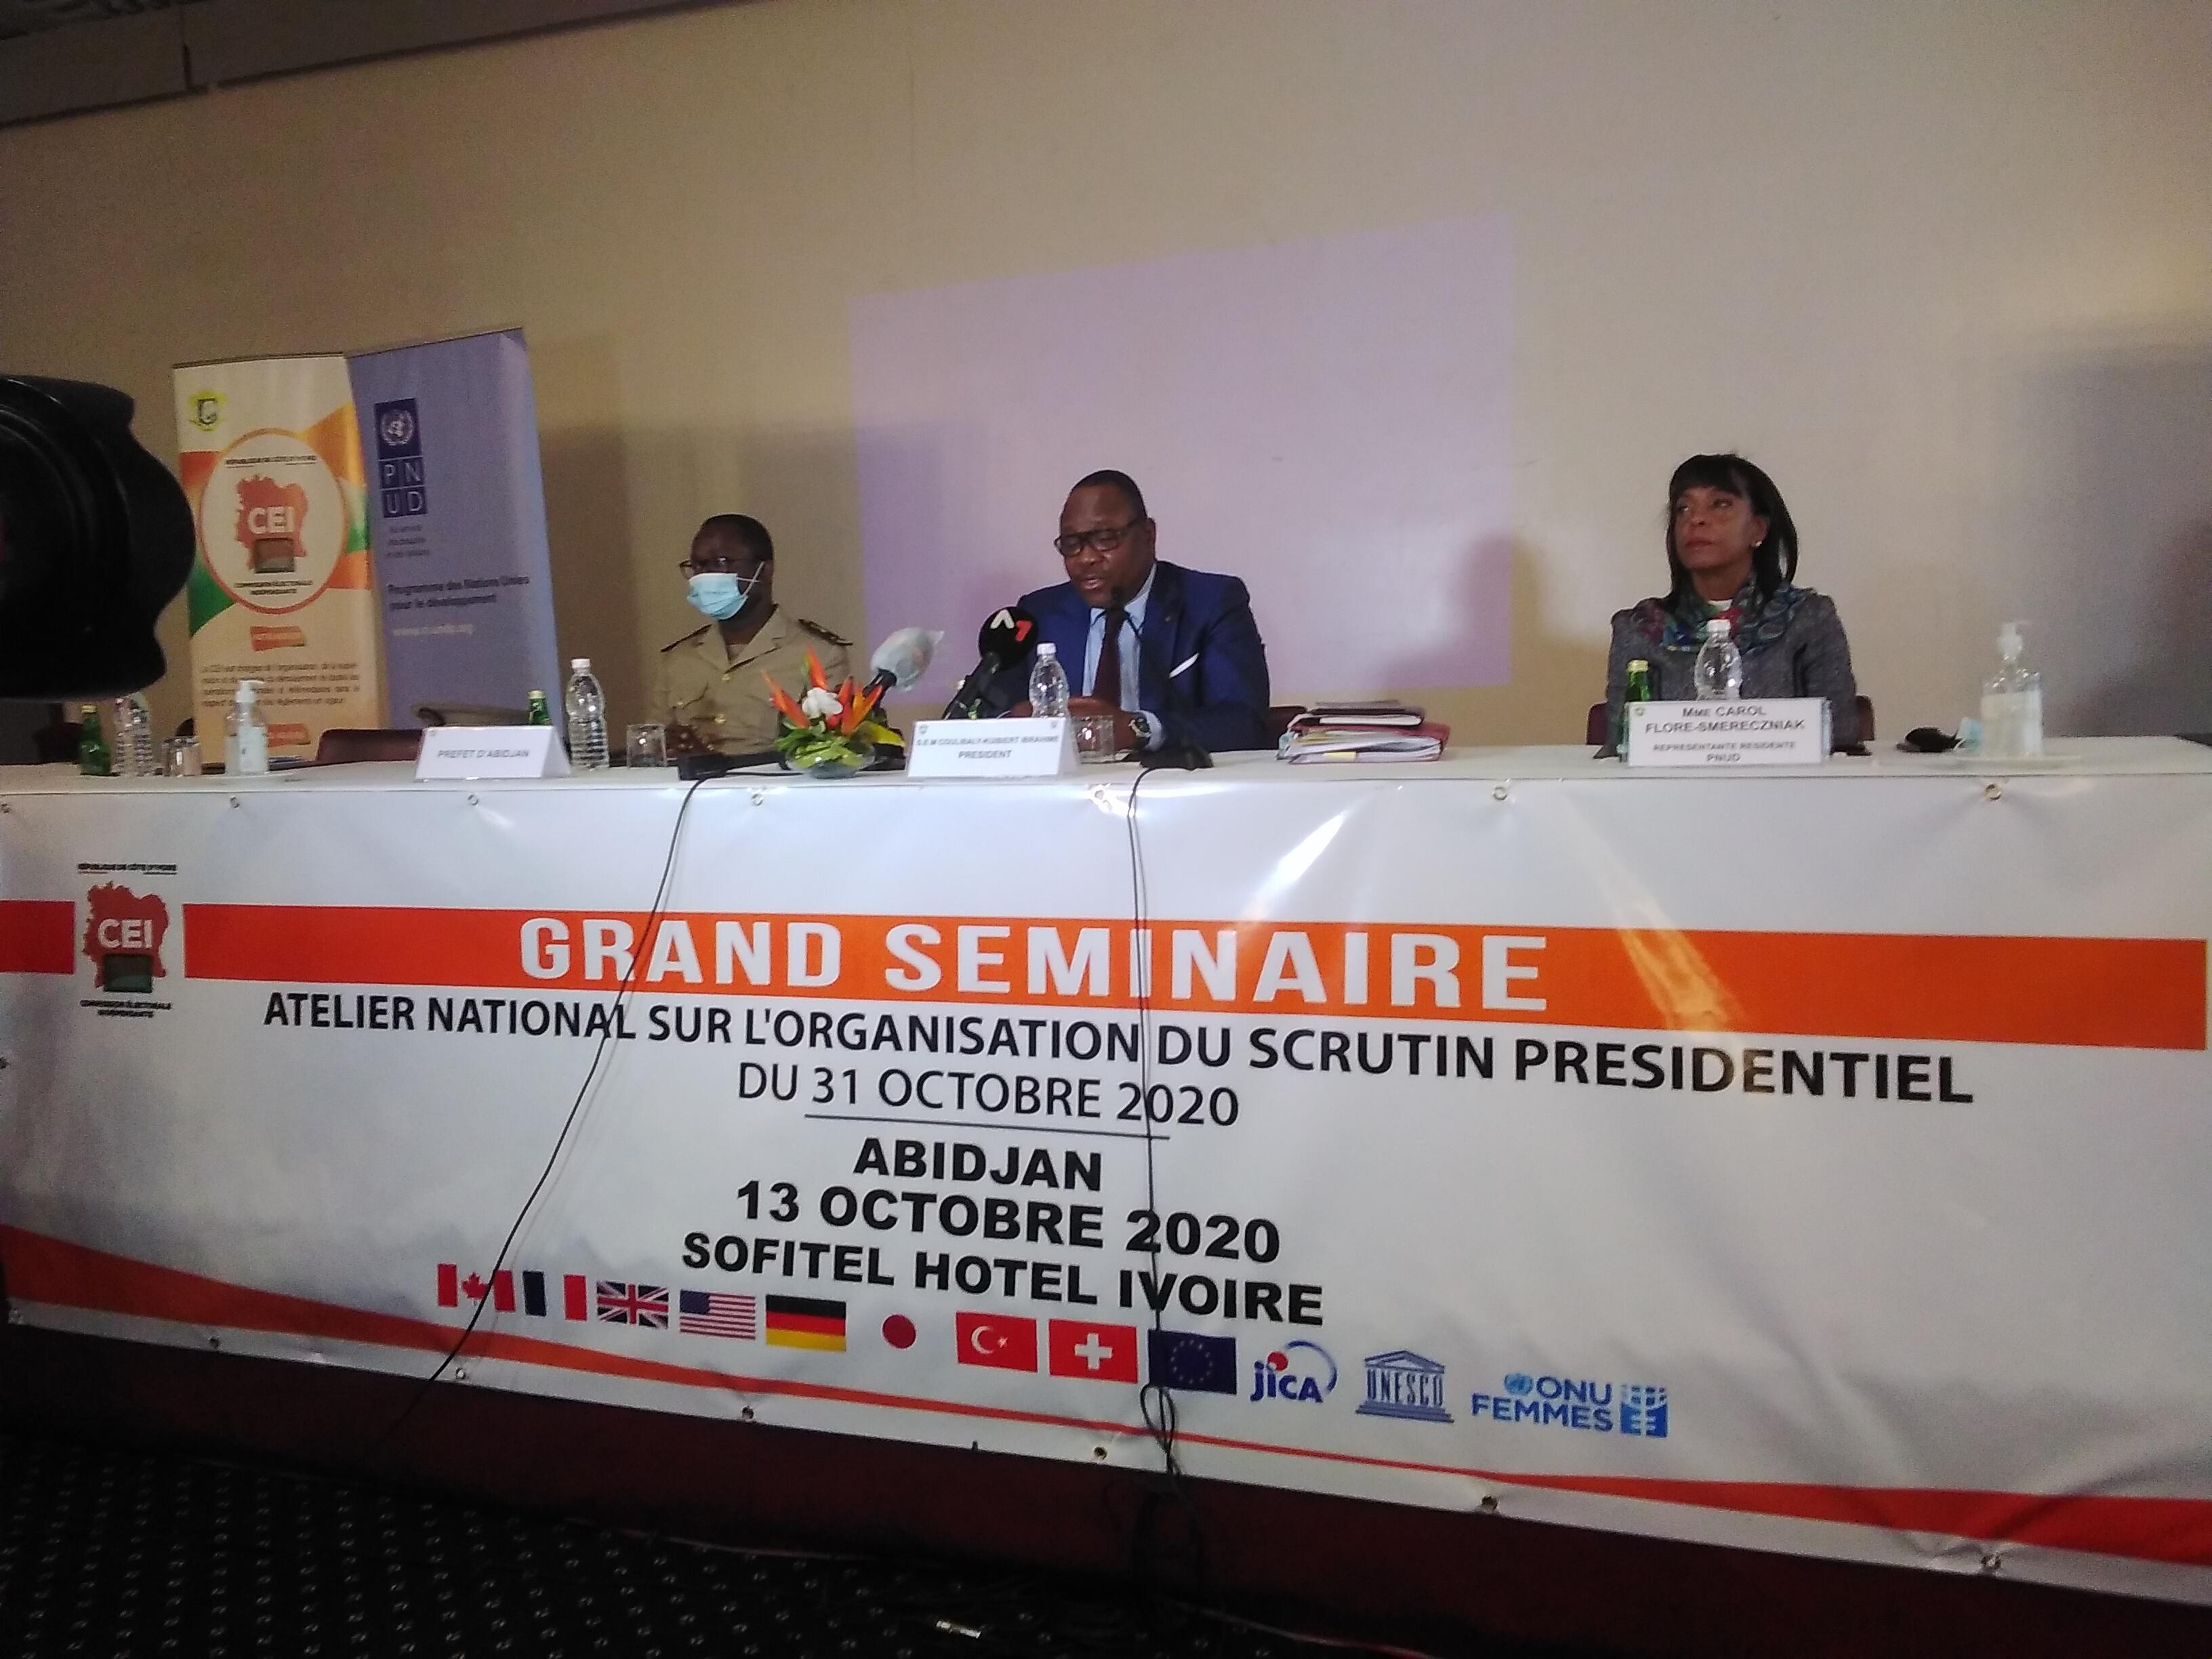 Présidentielle,CEI,Ibrahime Kuibiert,Pnud,Commission électorale indépendante